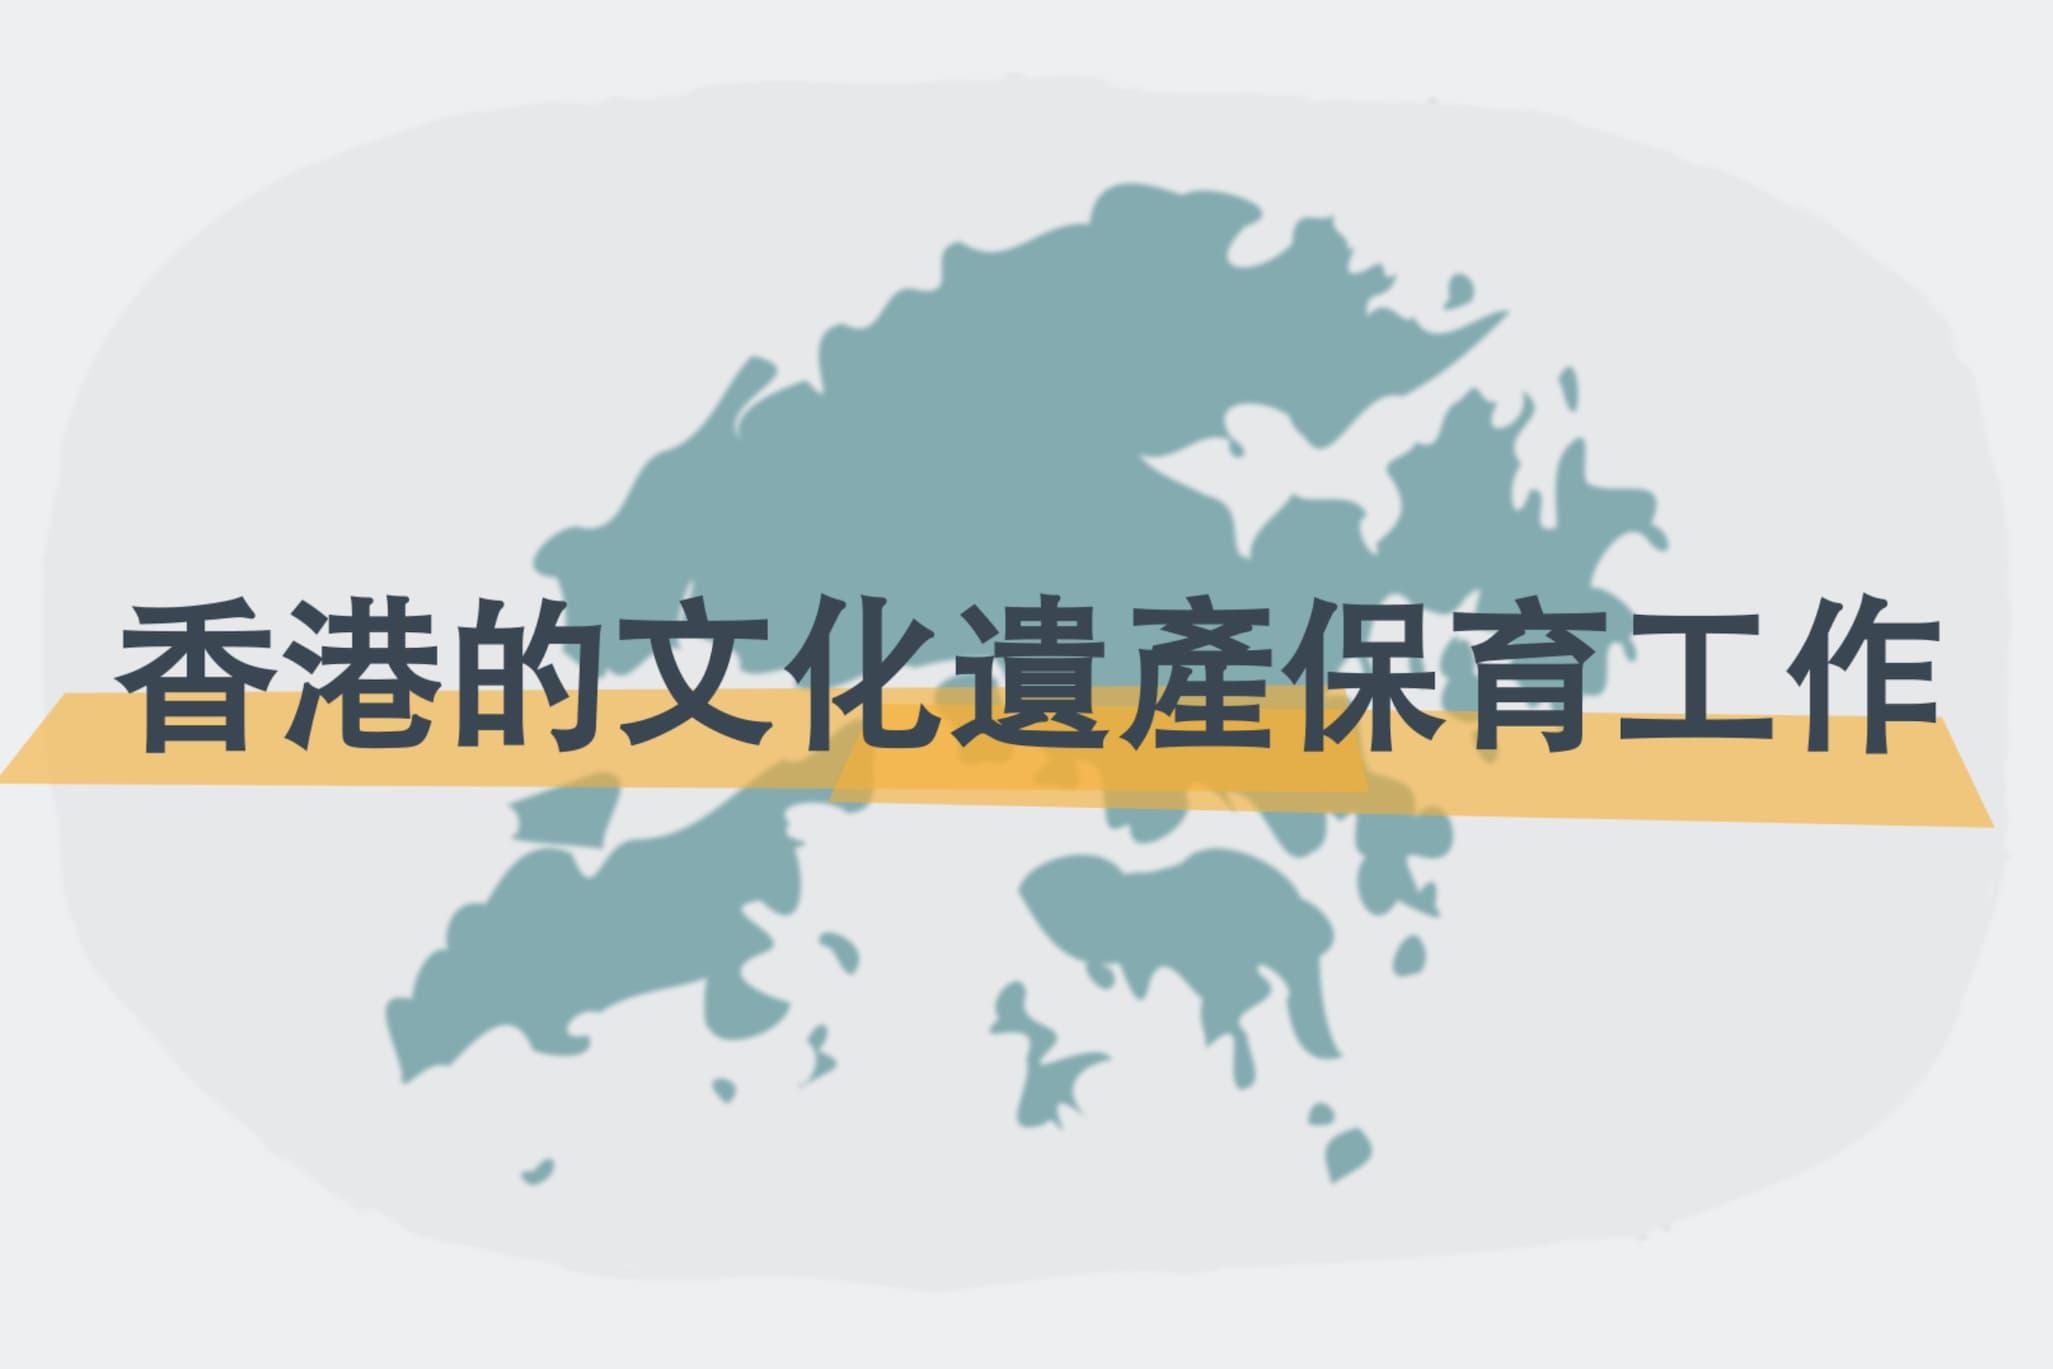 yingmukuaizhao_2020-08-31_xiawu3.29.53